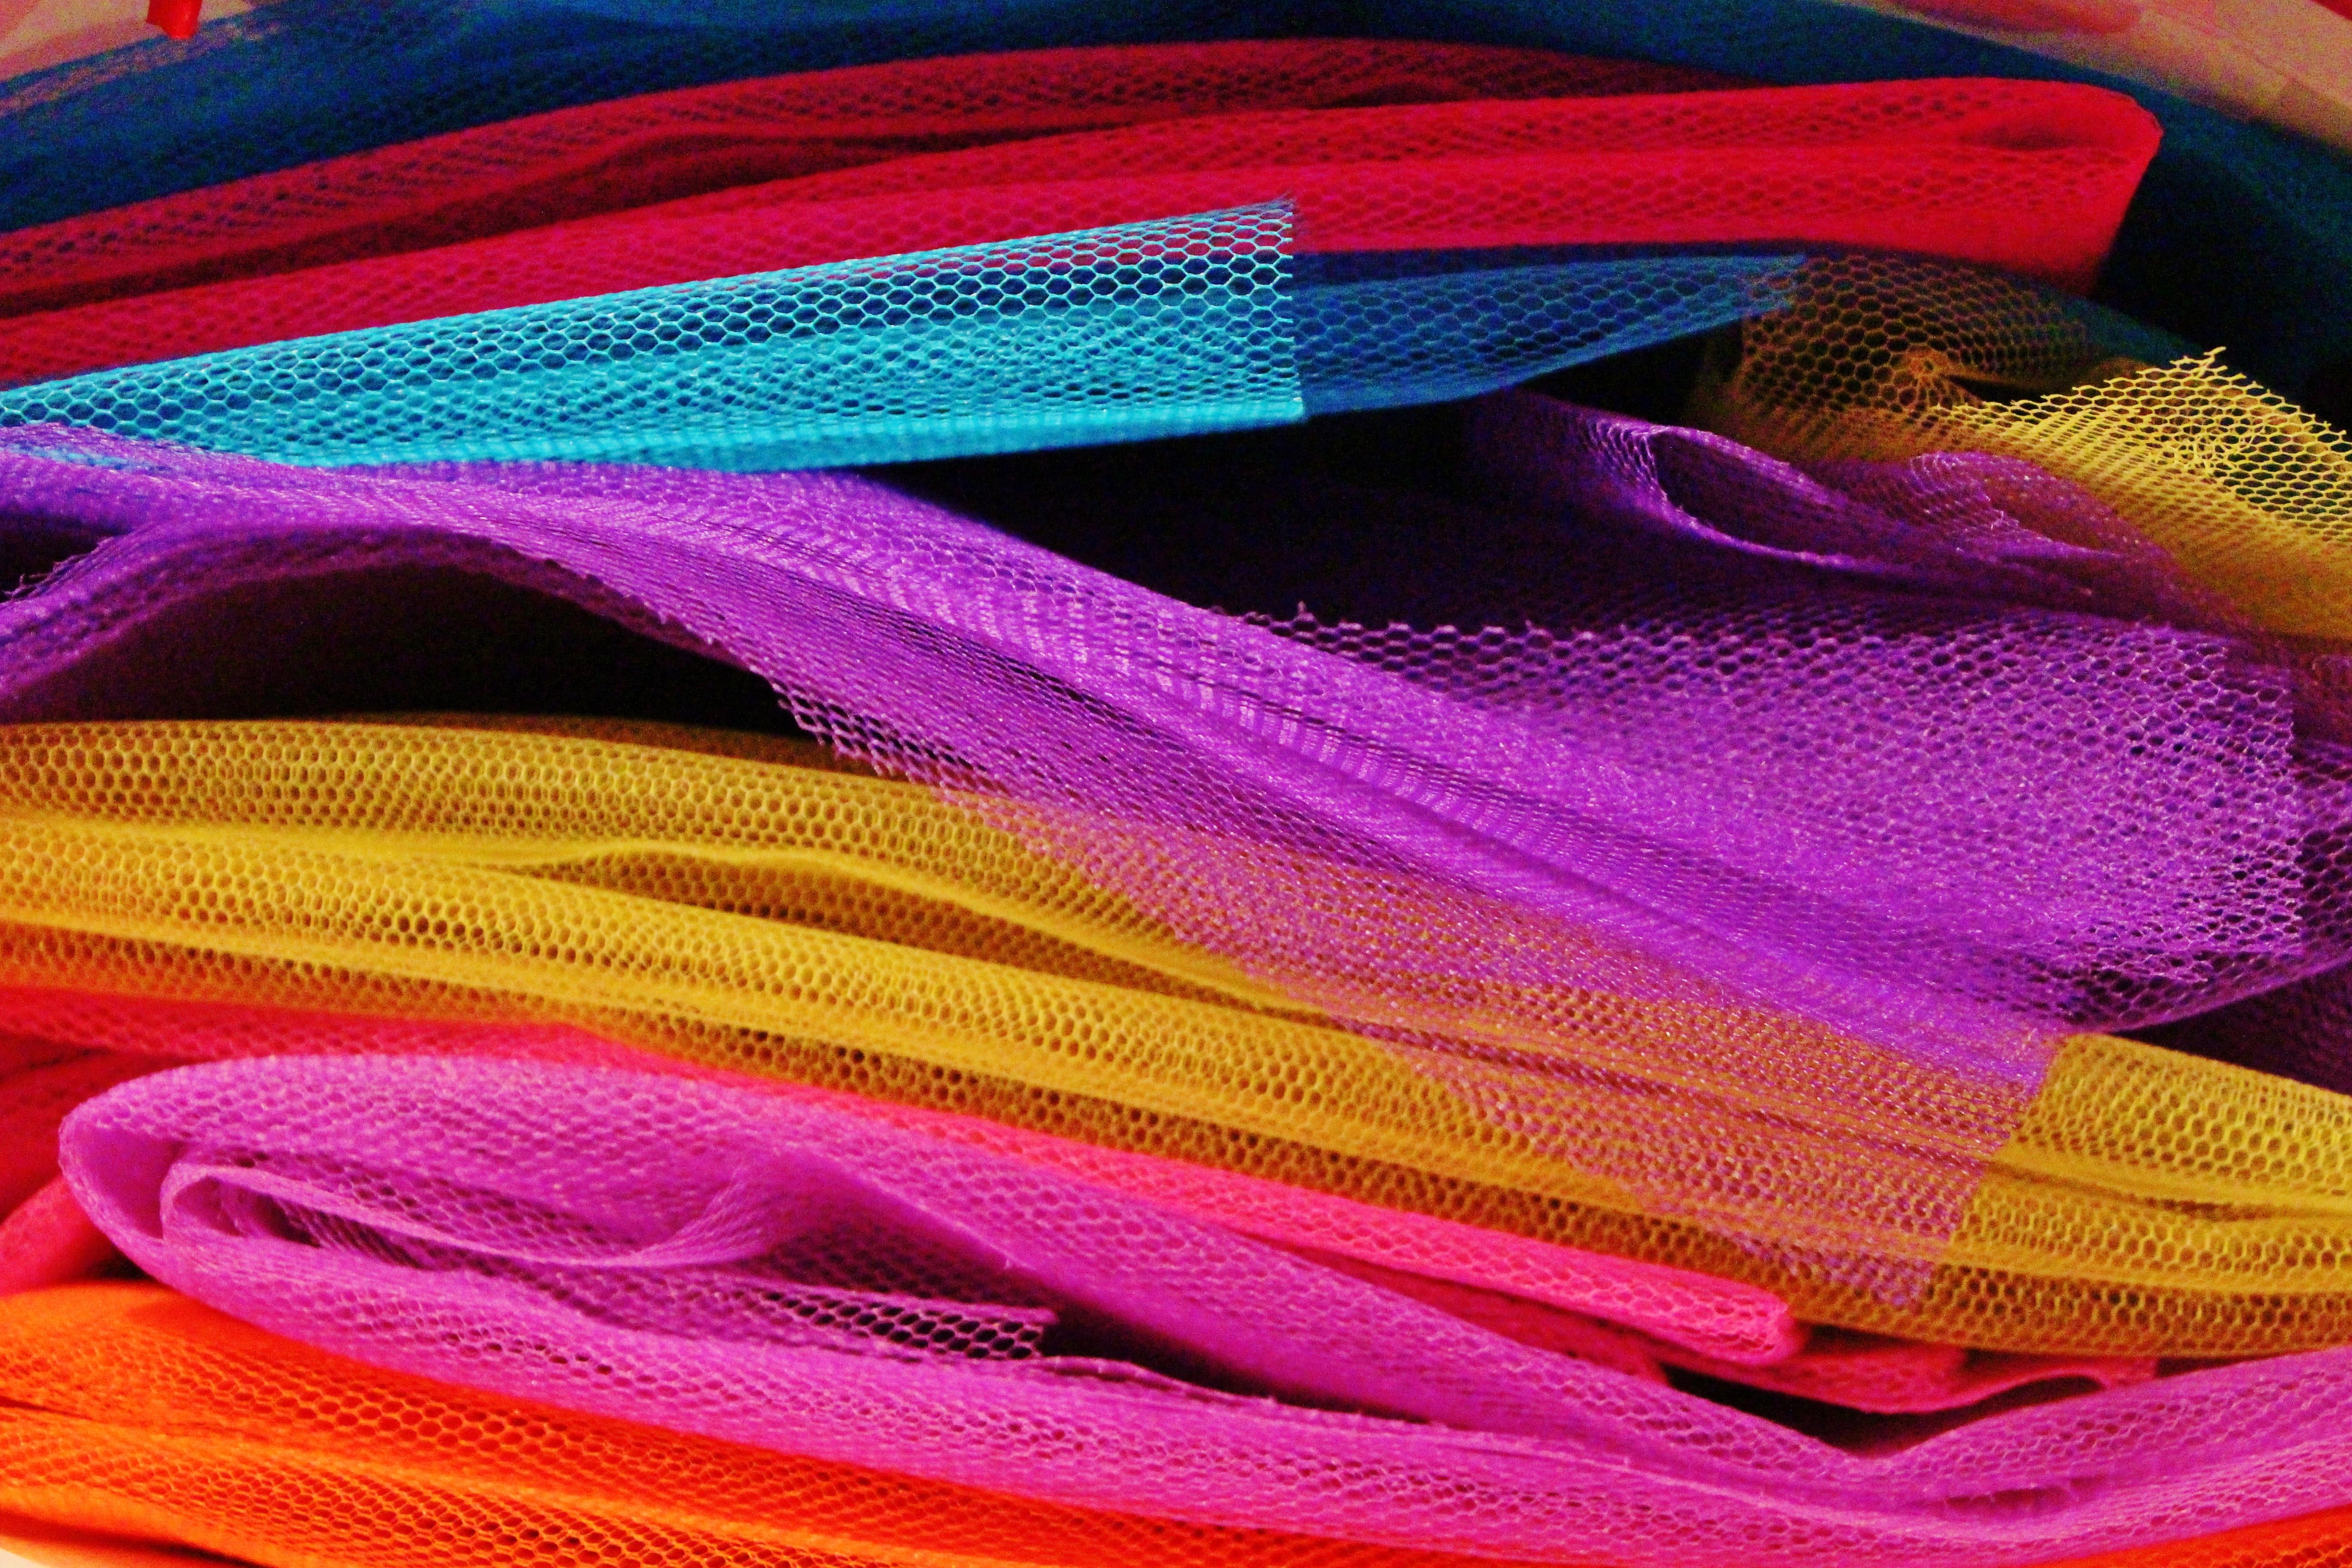 картинка химического волокна всем посетить магазин